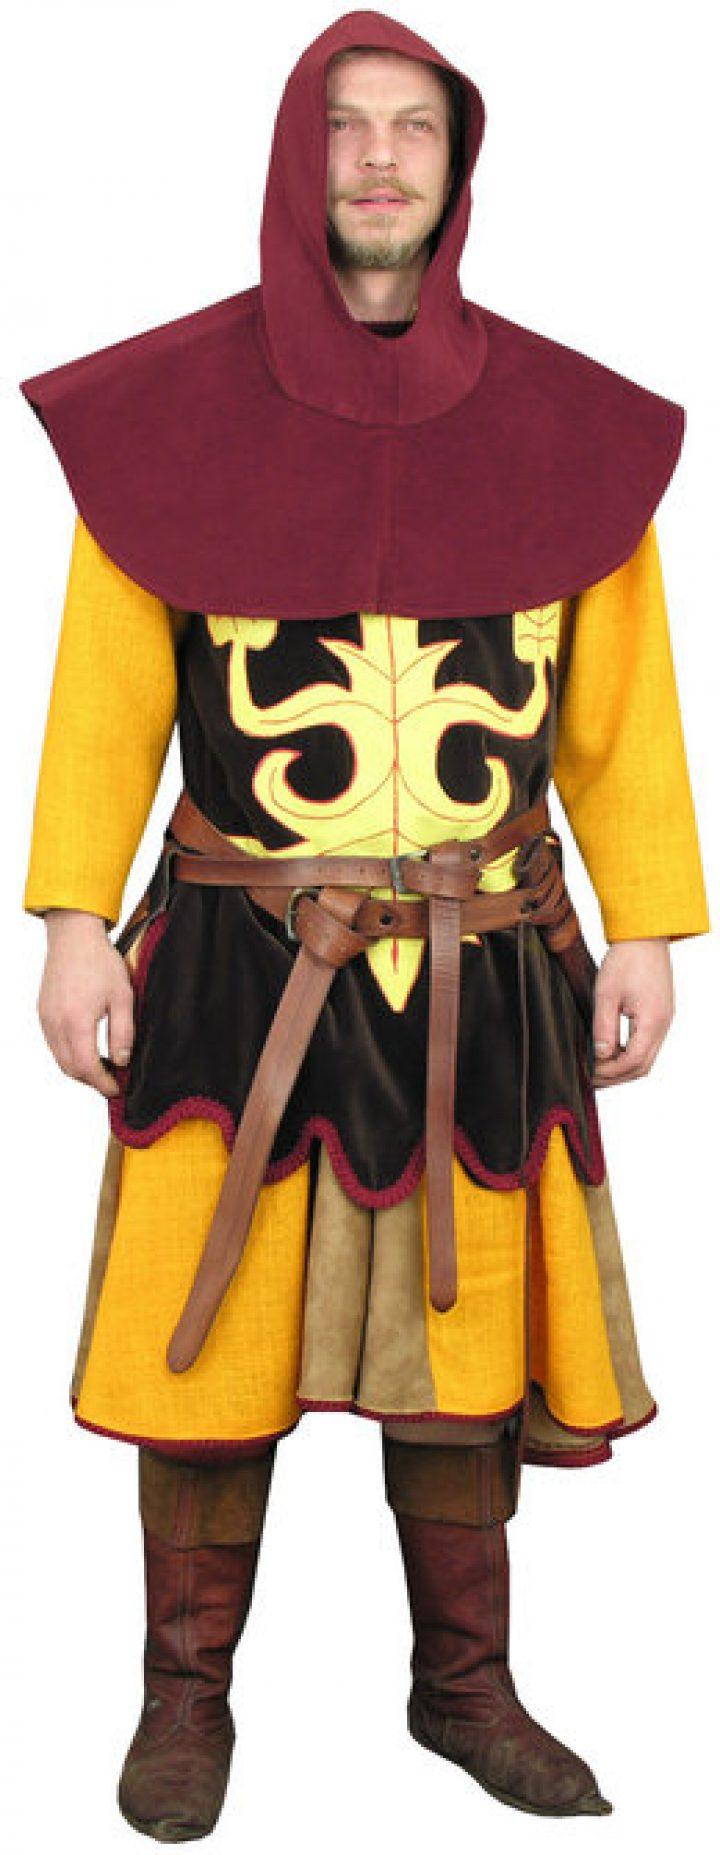 Middeleeuws kostuum hvmna-1036